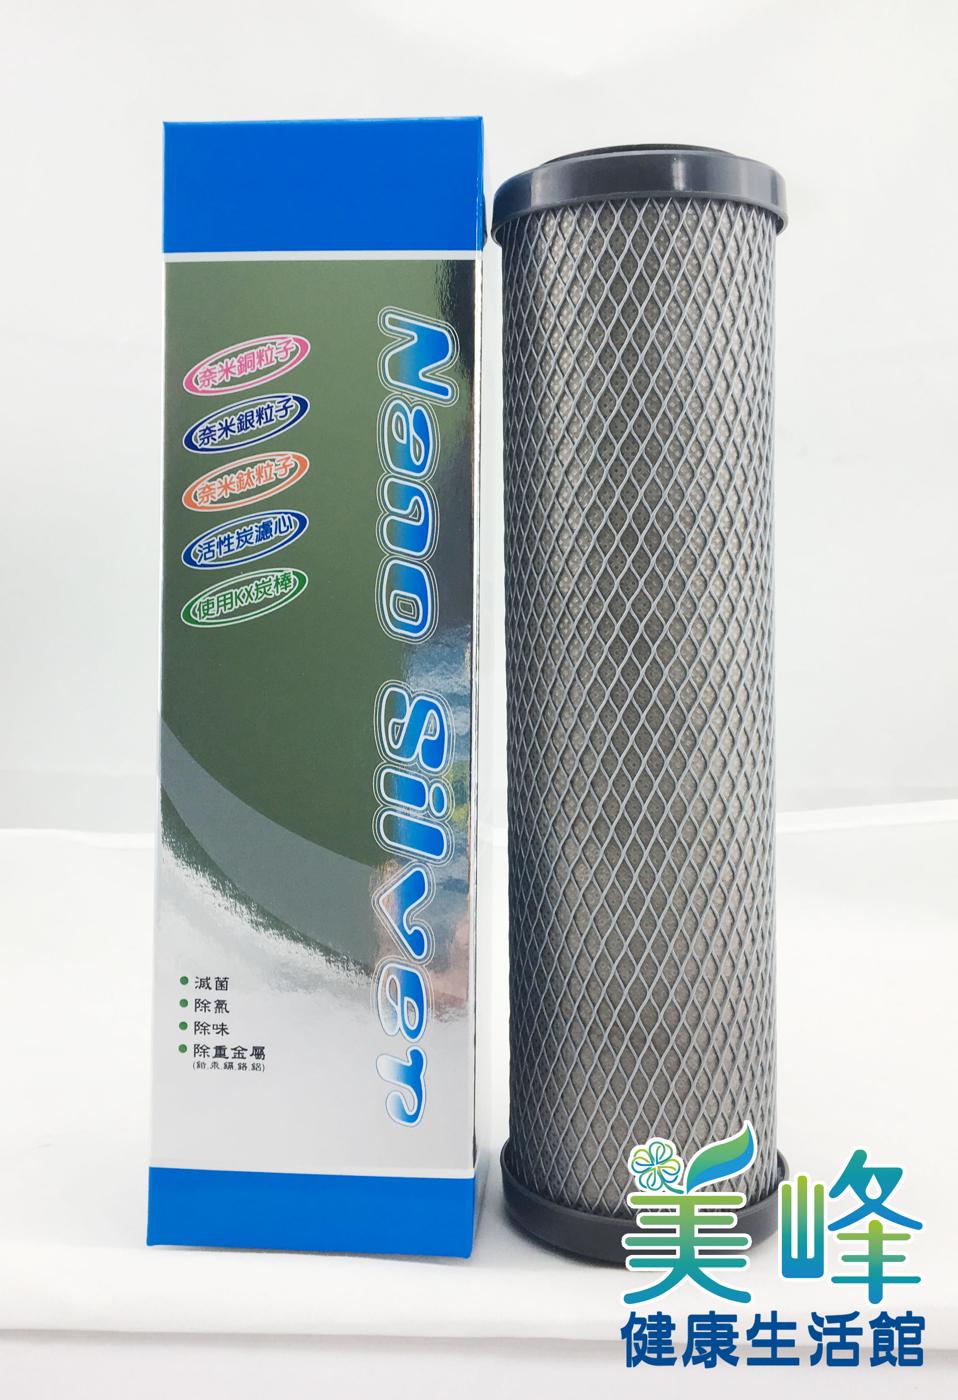 濾水器美國KX牌濾芯柱狀活性碳ACT抗菌去除重金屬,通過台灣SGS認證CTO大過濾量安心價800元